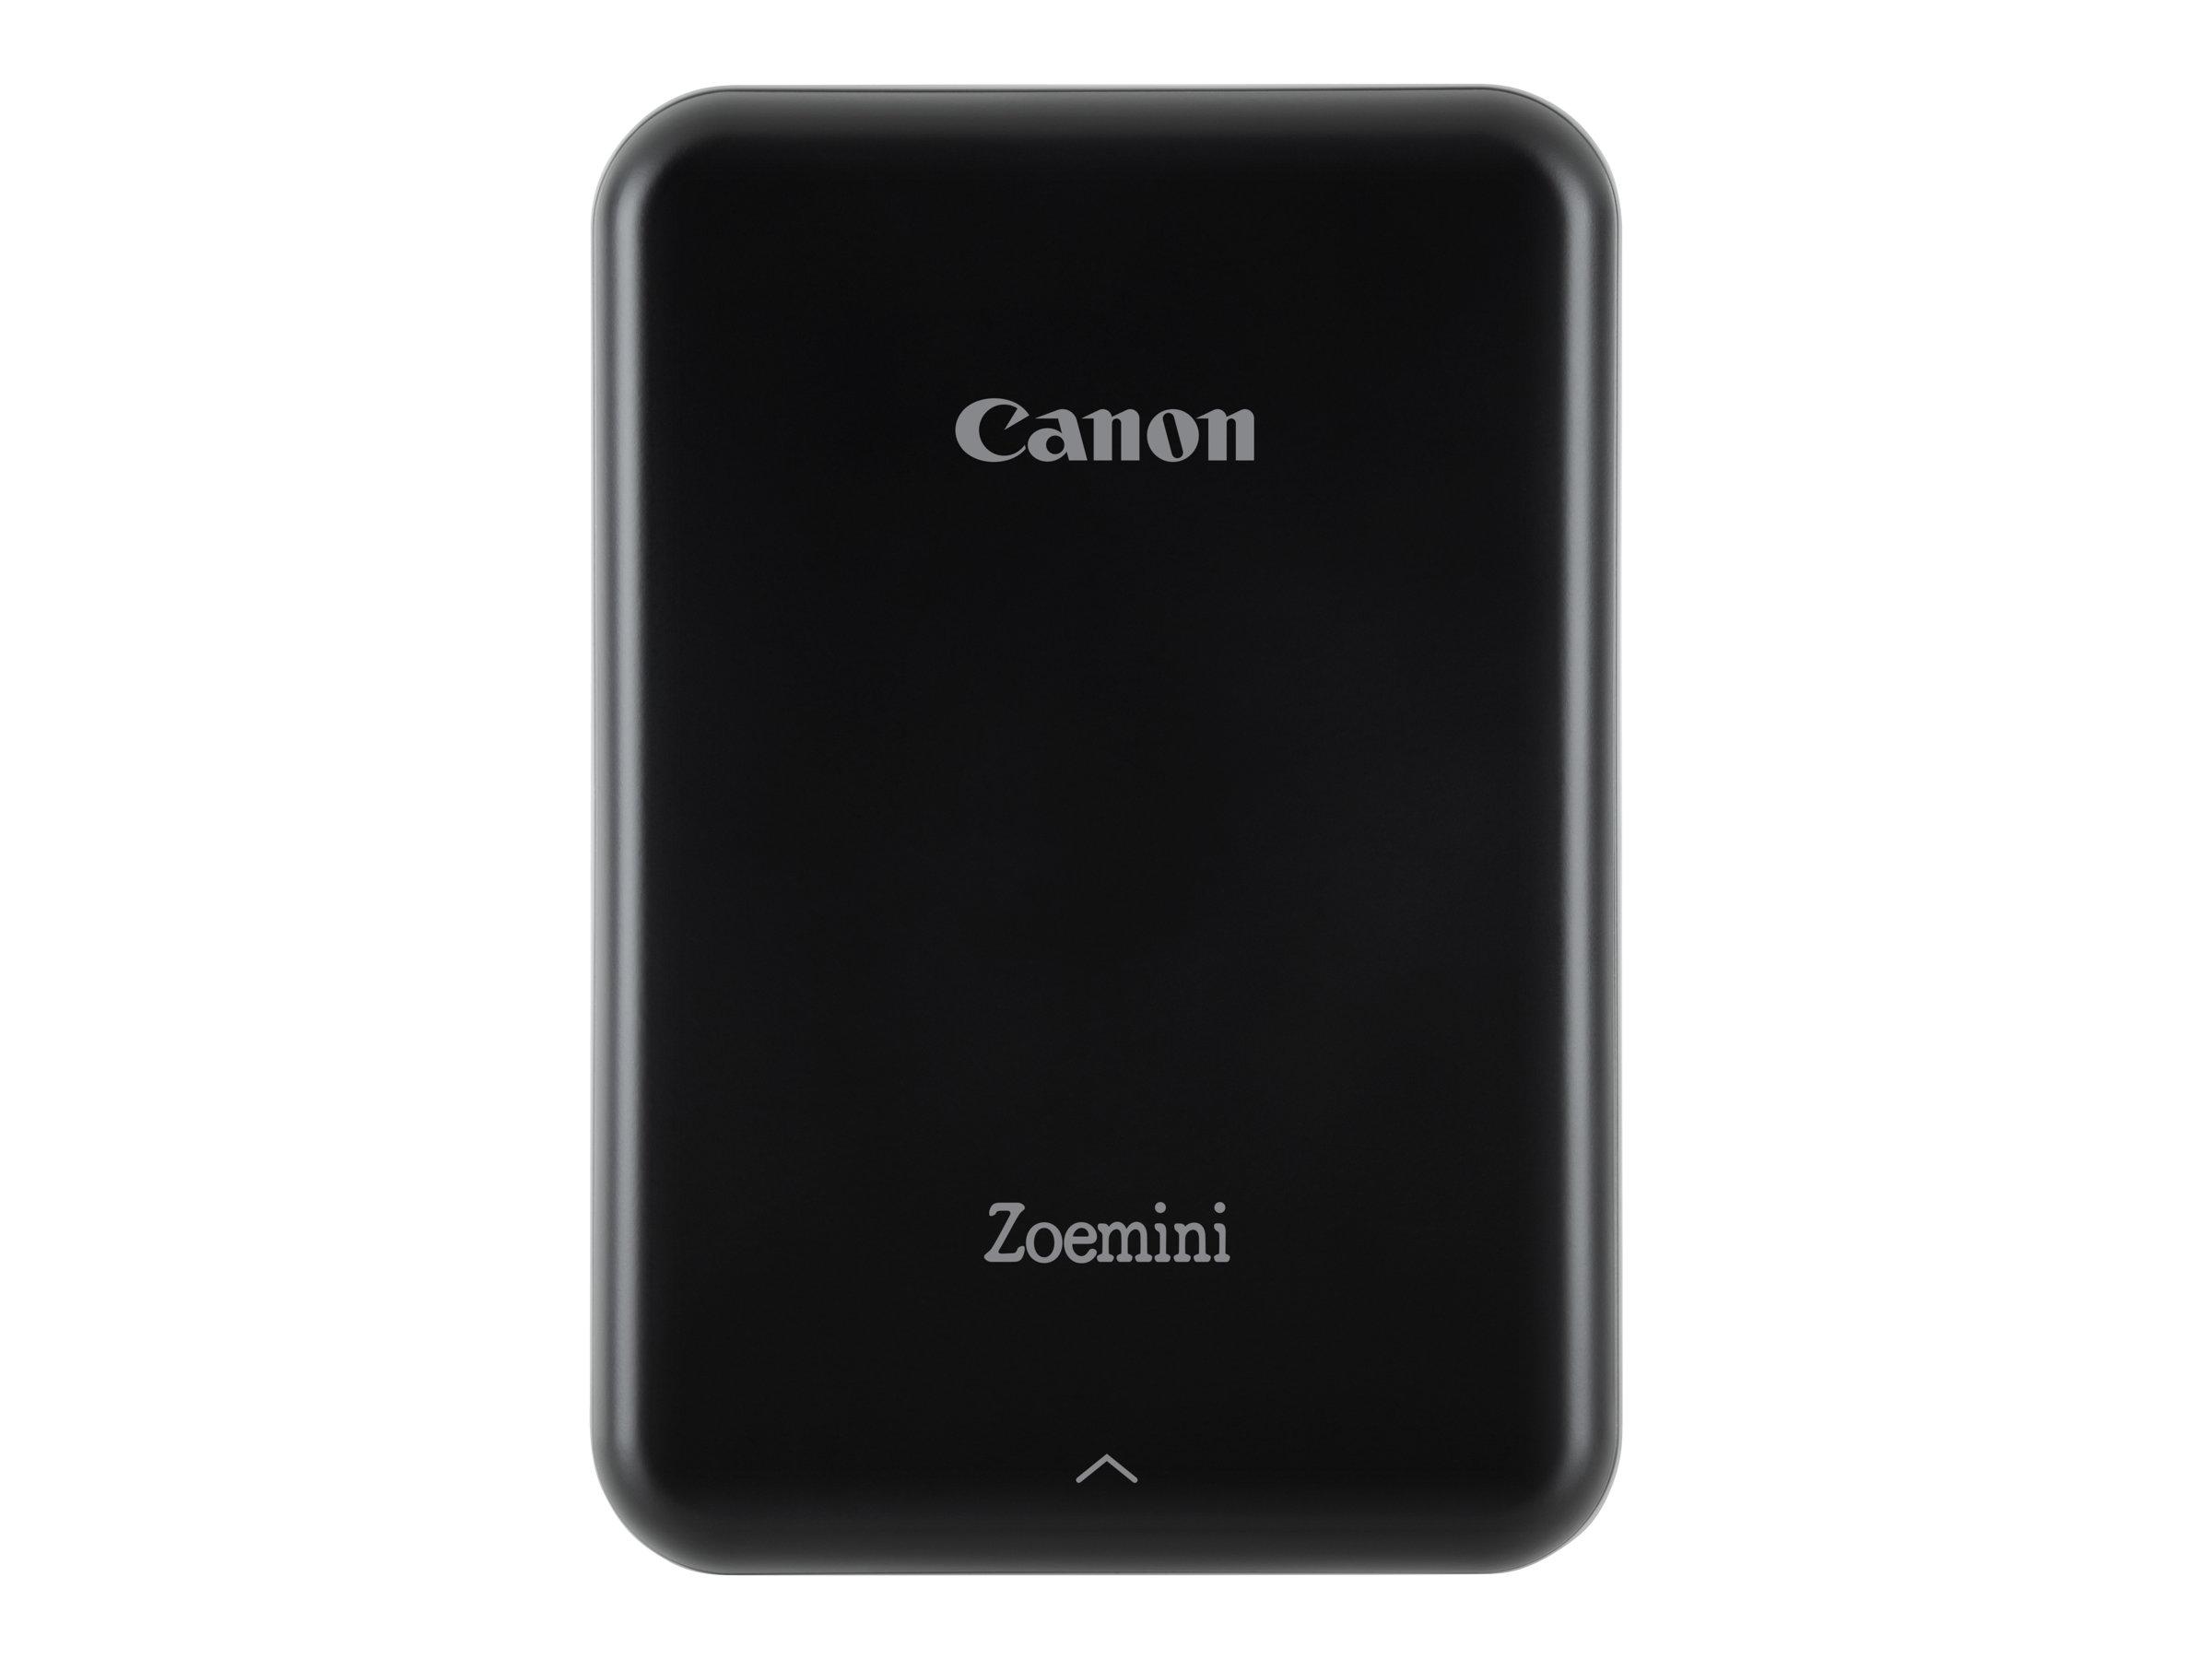 Canon Zoemini - Drucker - Farbe - Thermosublimation - 50.8 x 76.2 mm - 314 x 400 dpi